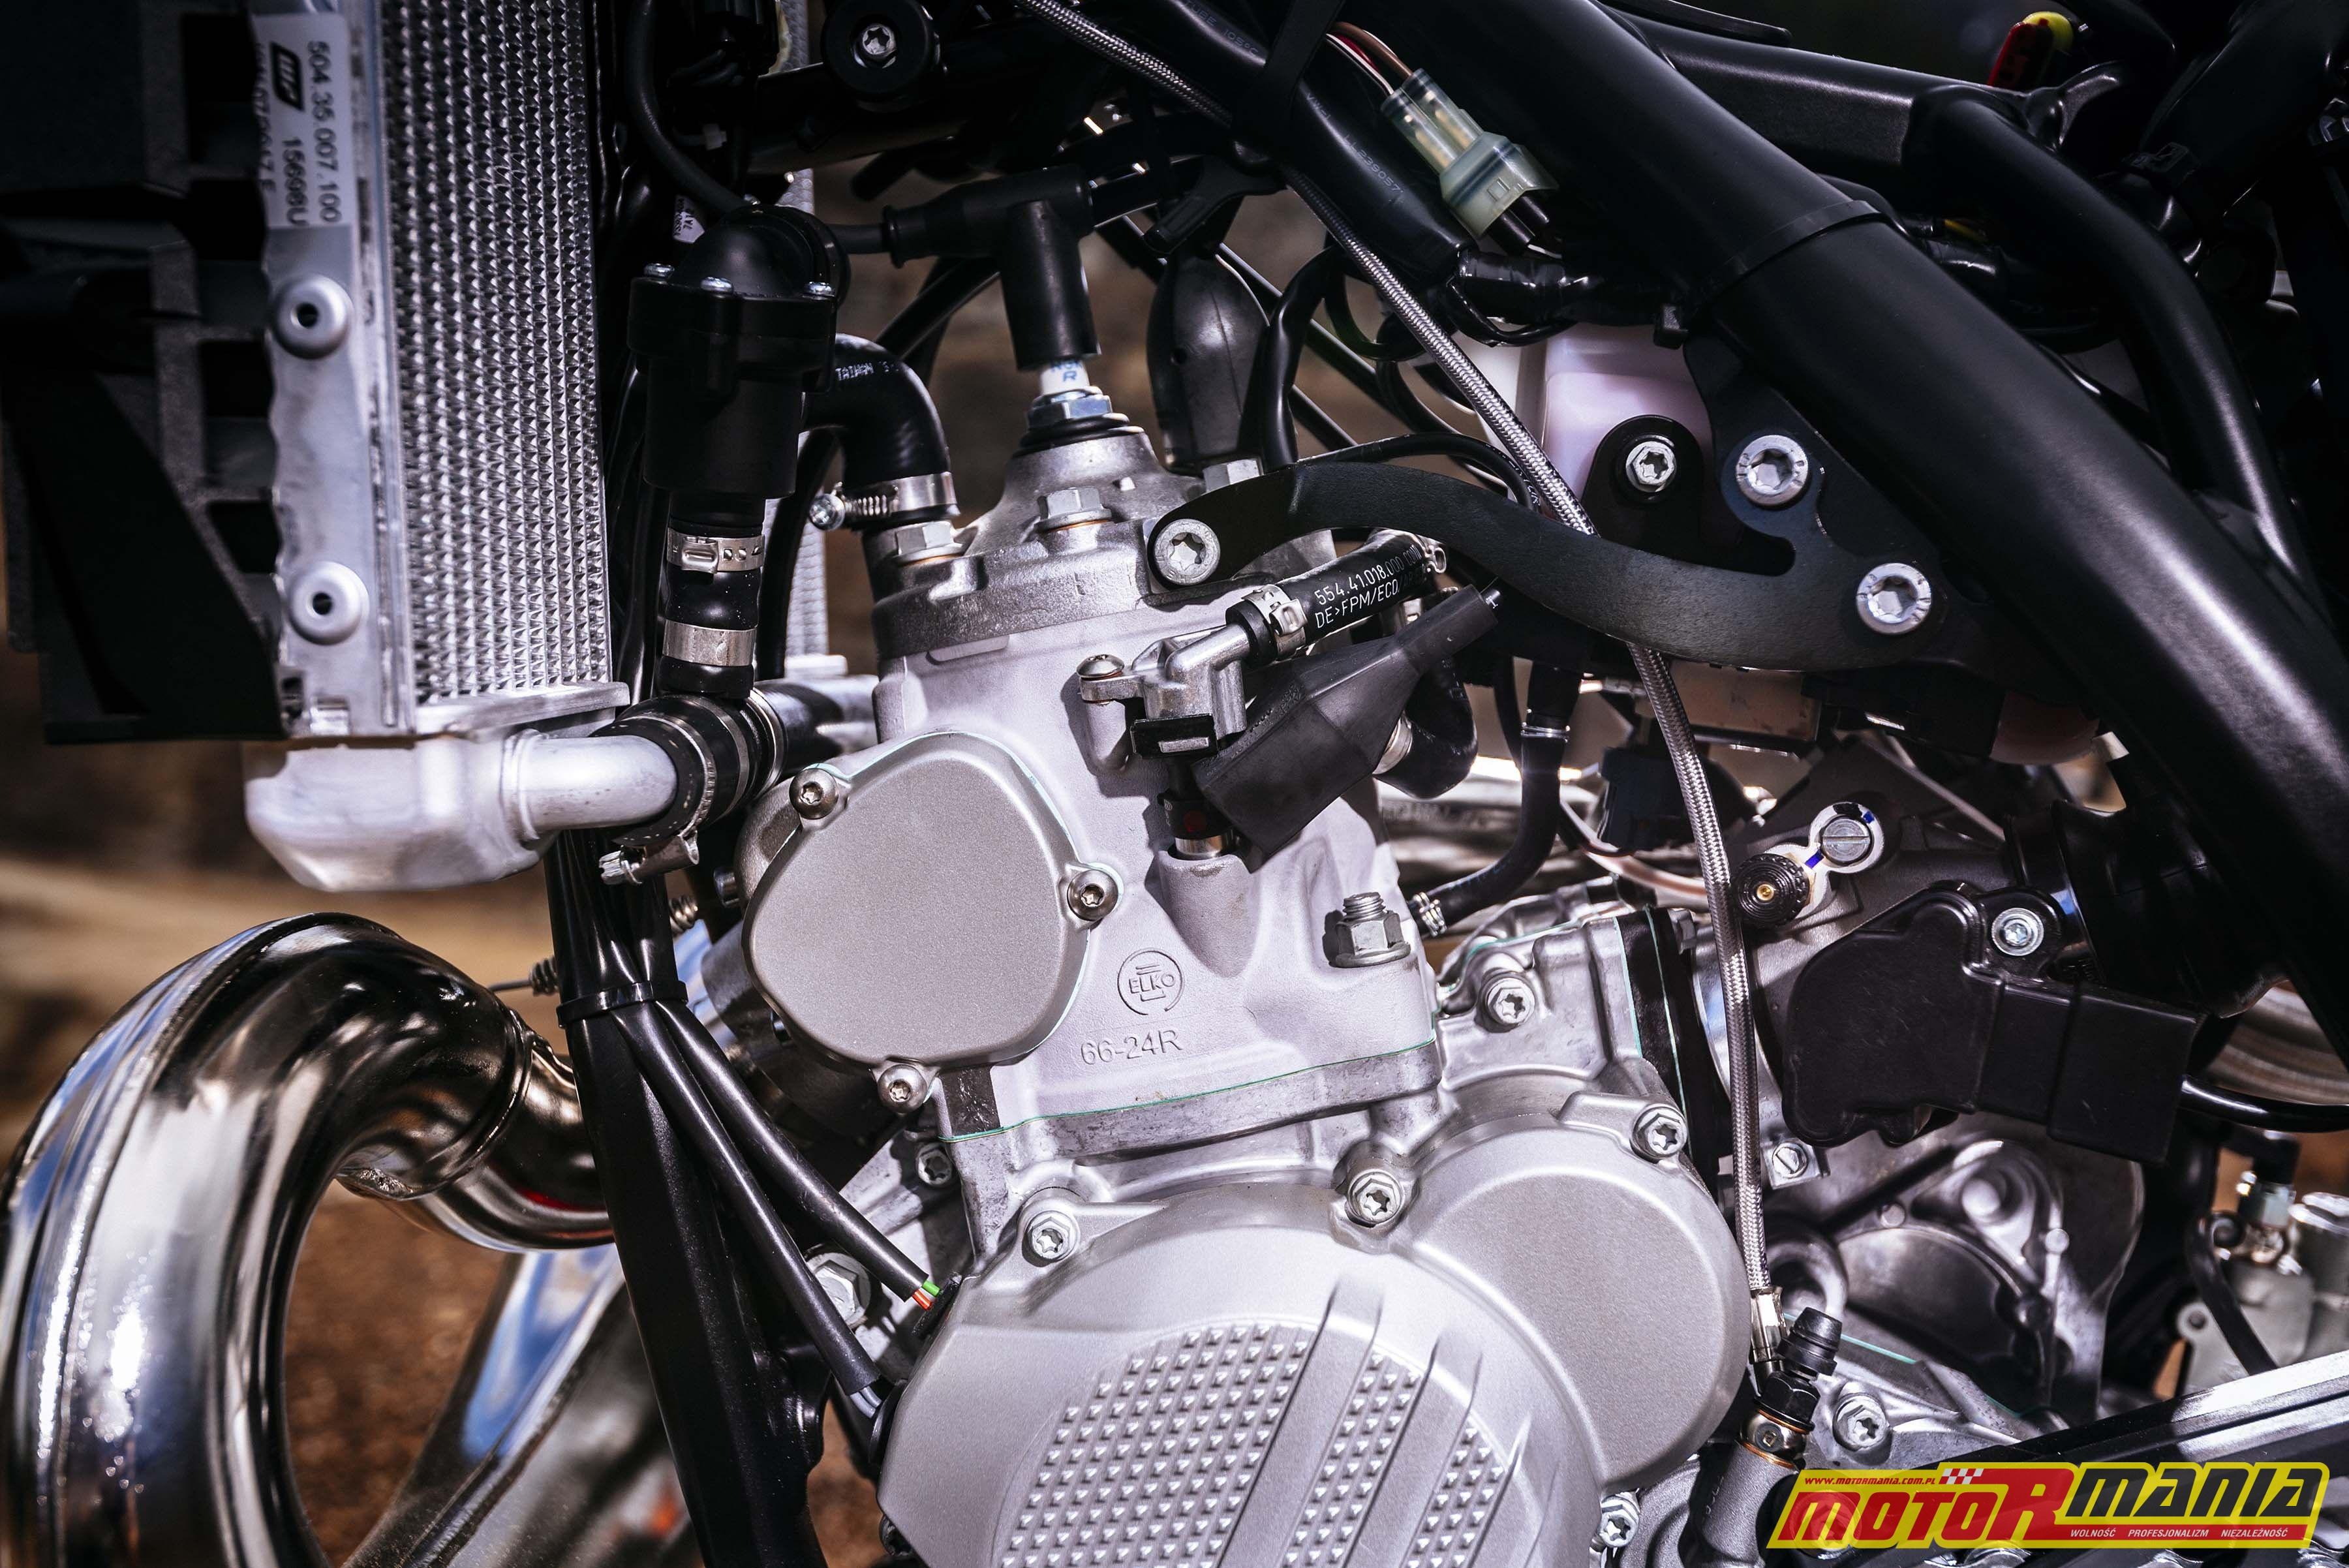 KTM 250 300 EXC TPI dwusuw z wtryskiem 2018 (8)